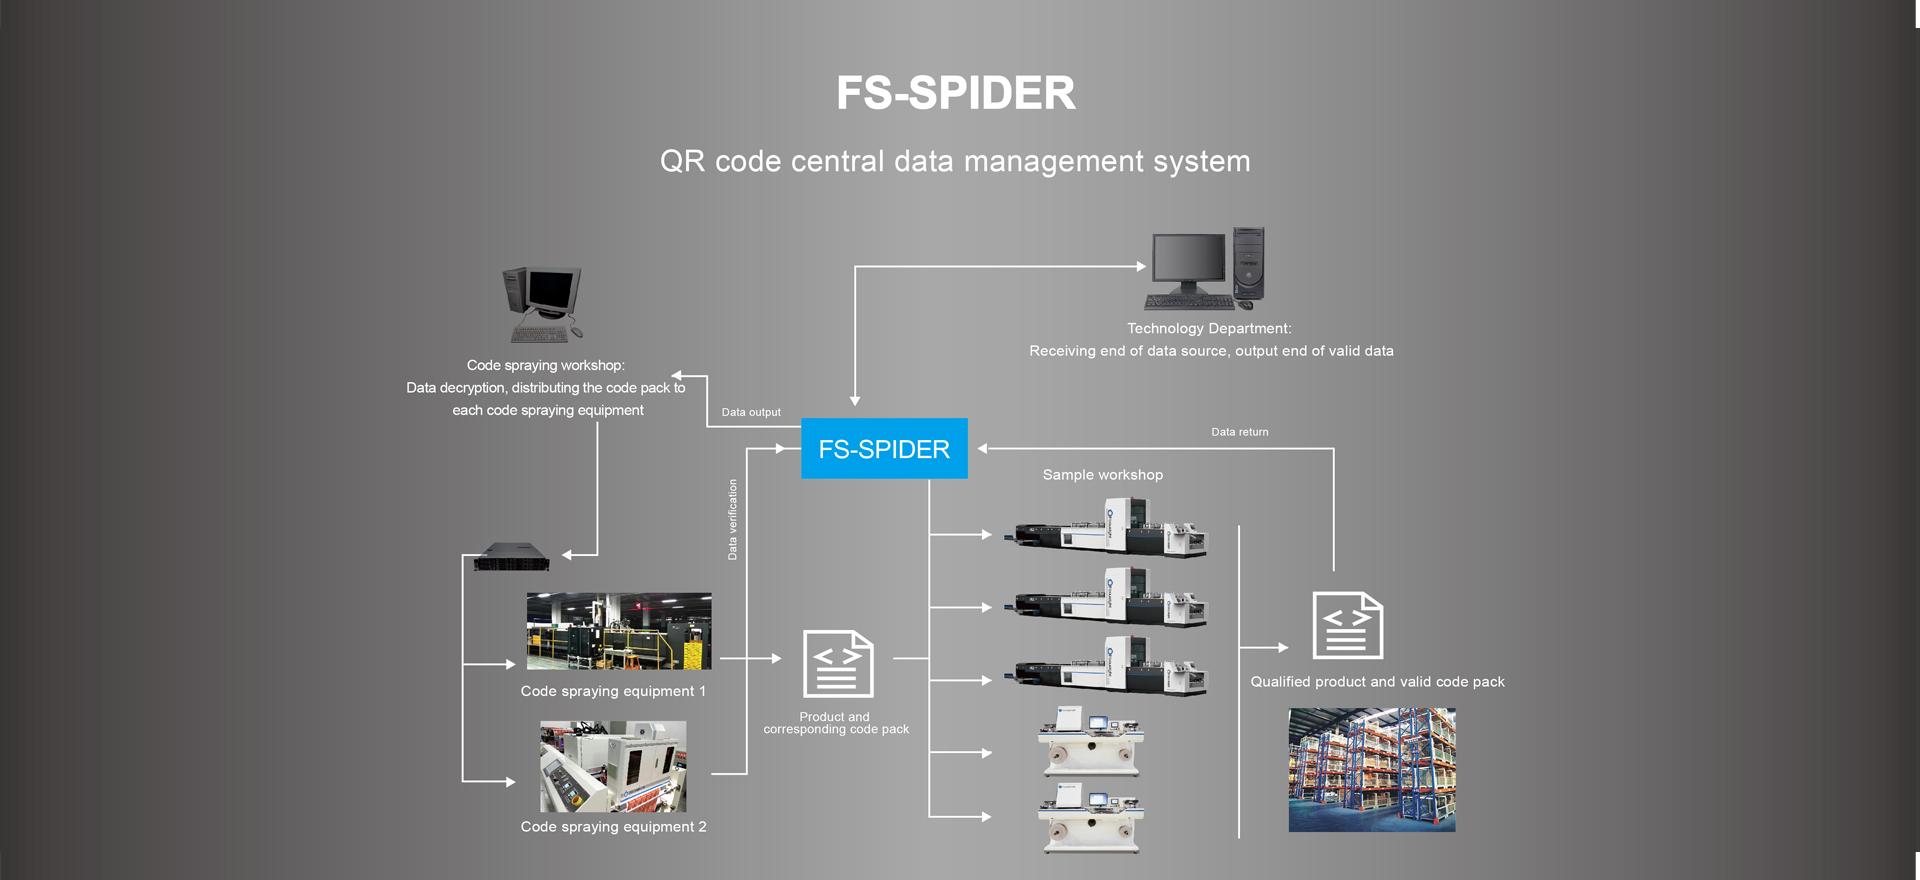 FS-SPIDER QR code central data management system - Cigarette package